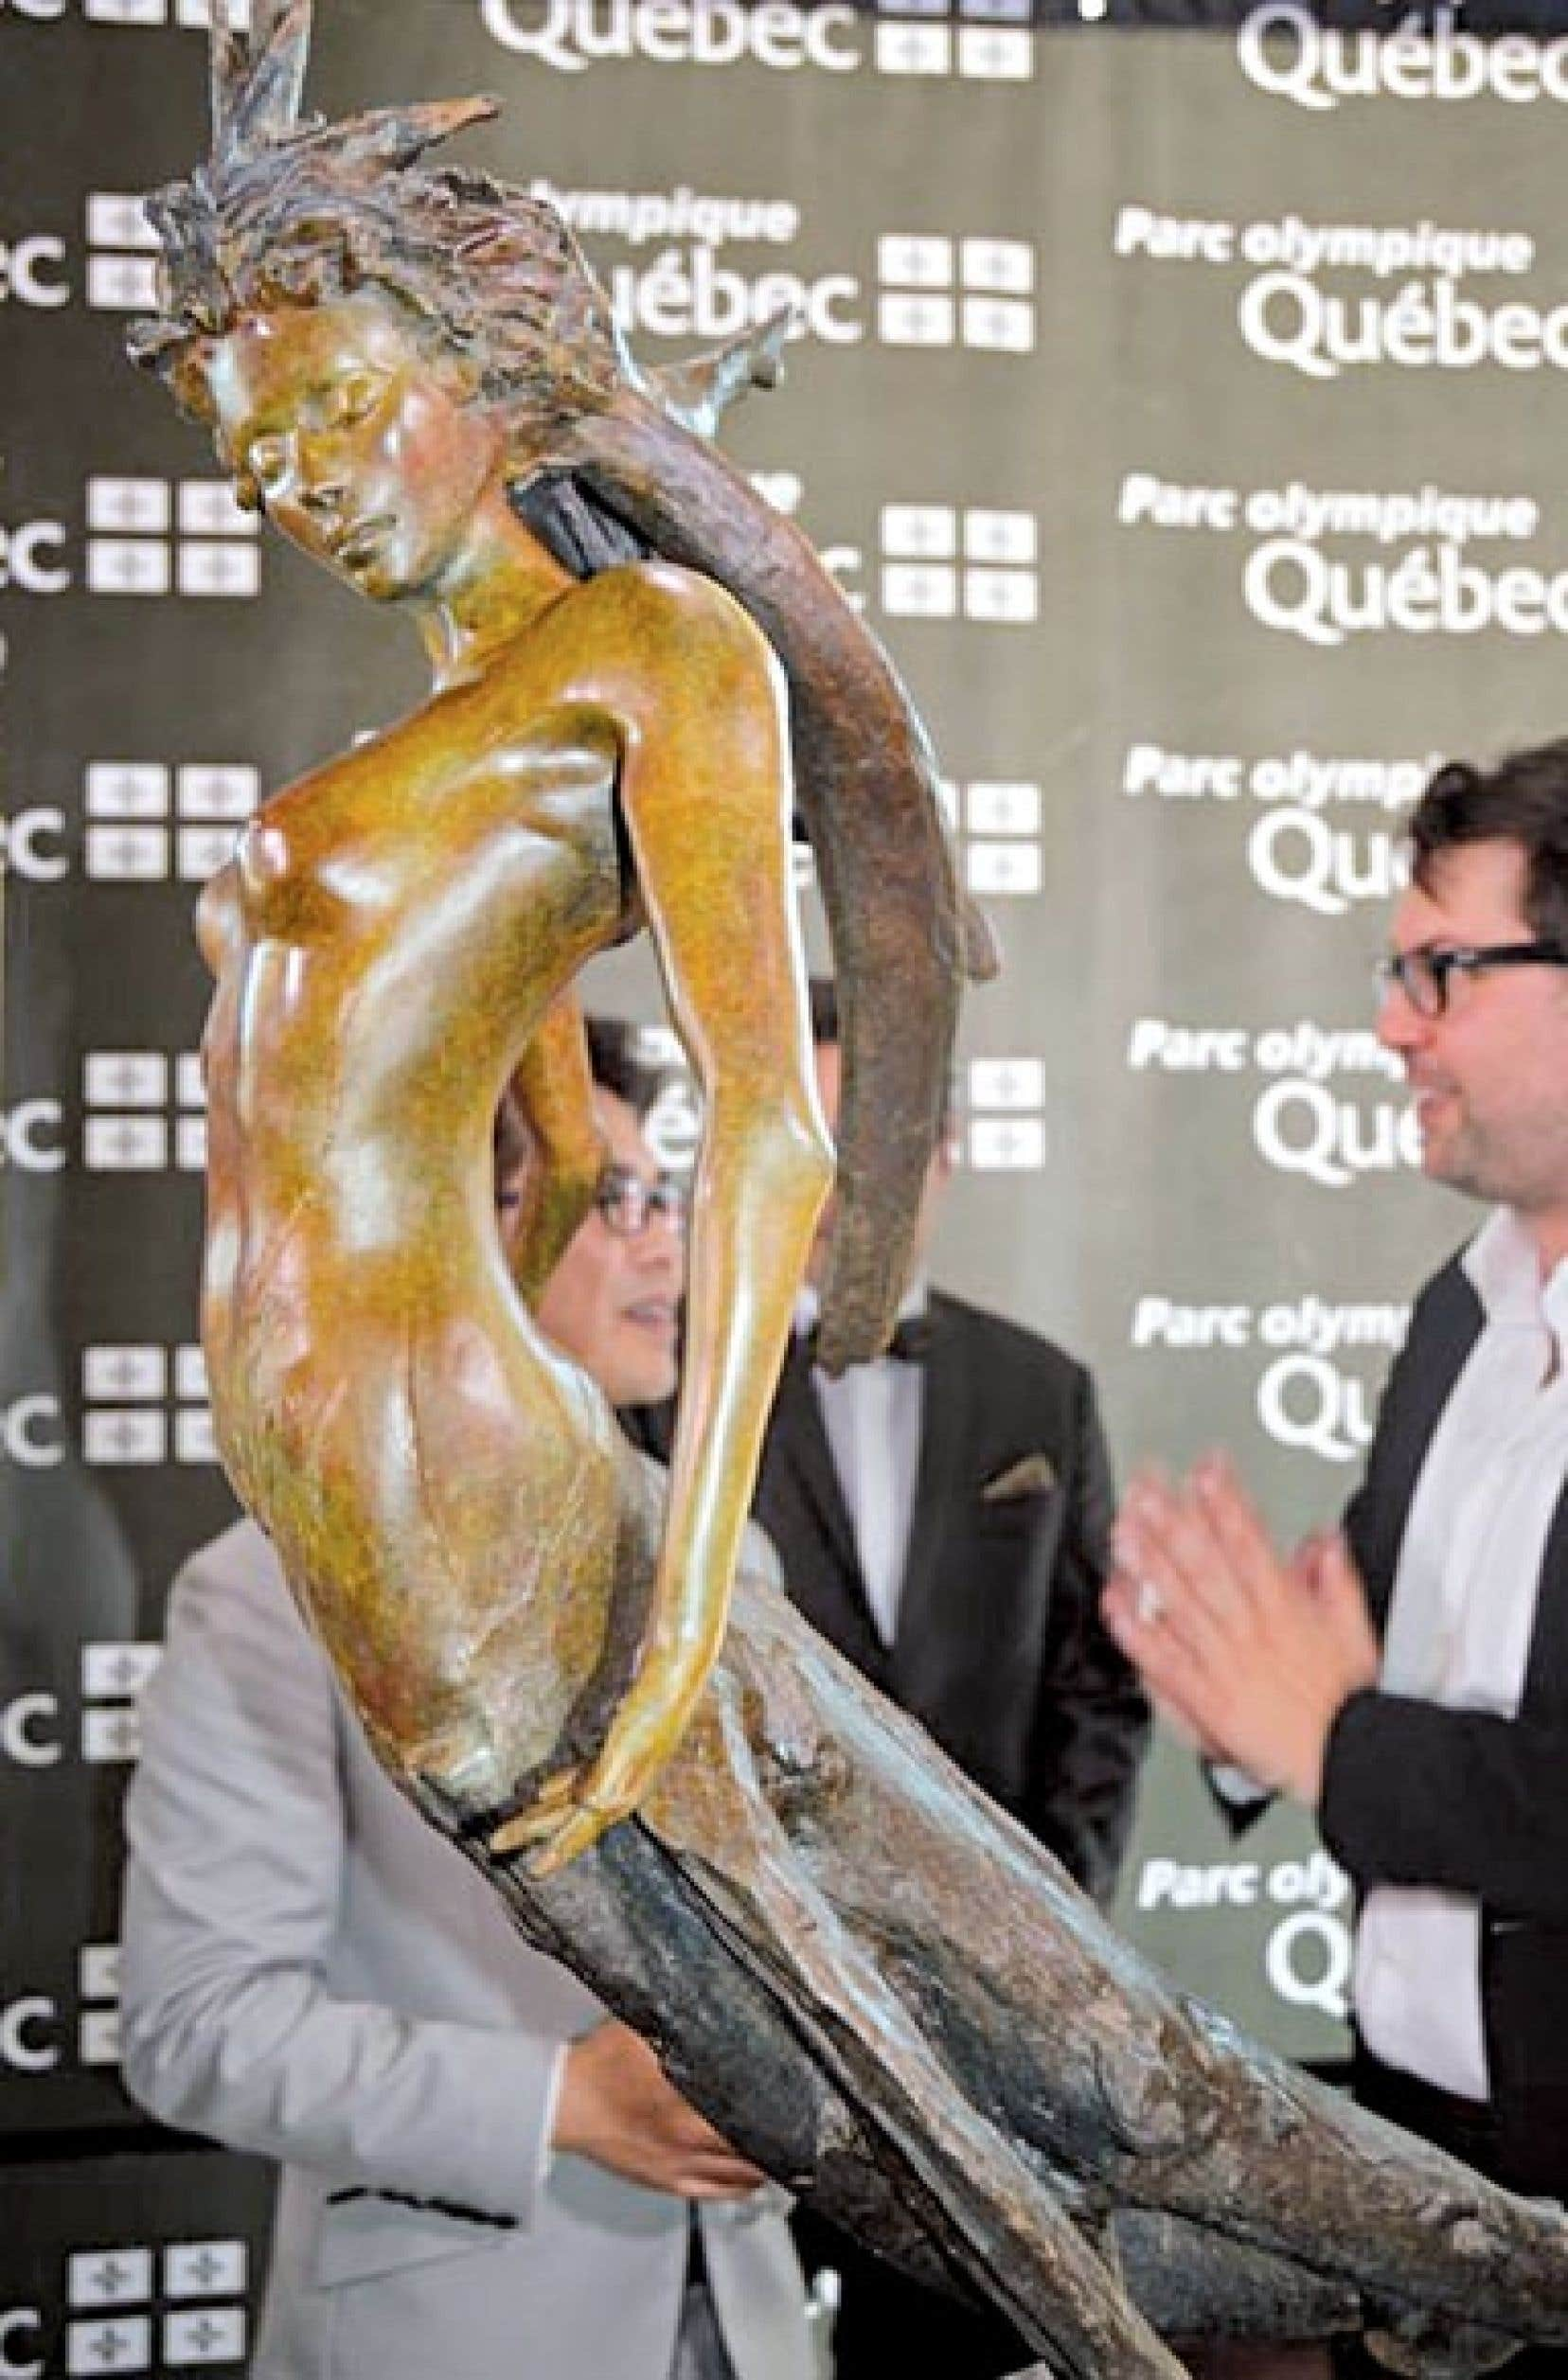 <div> La statue est l'œuvre de l'artiste montréalais André Desjardins, l'un des dix artistes les plus prometteurs aux États-Unis selon le magazine Art Business News.</div>